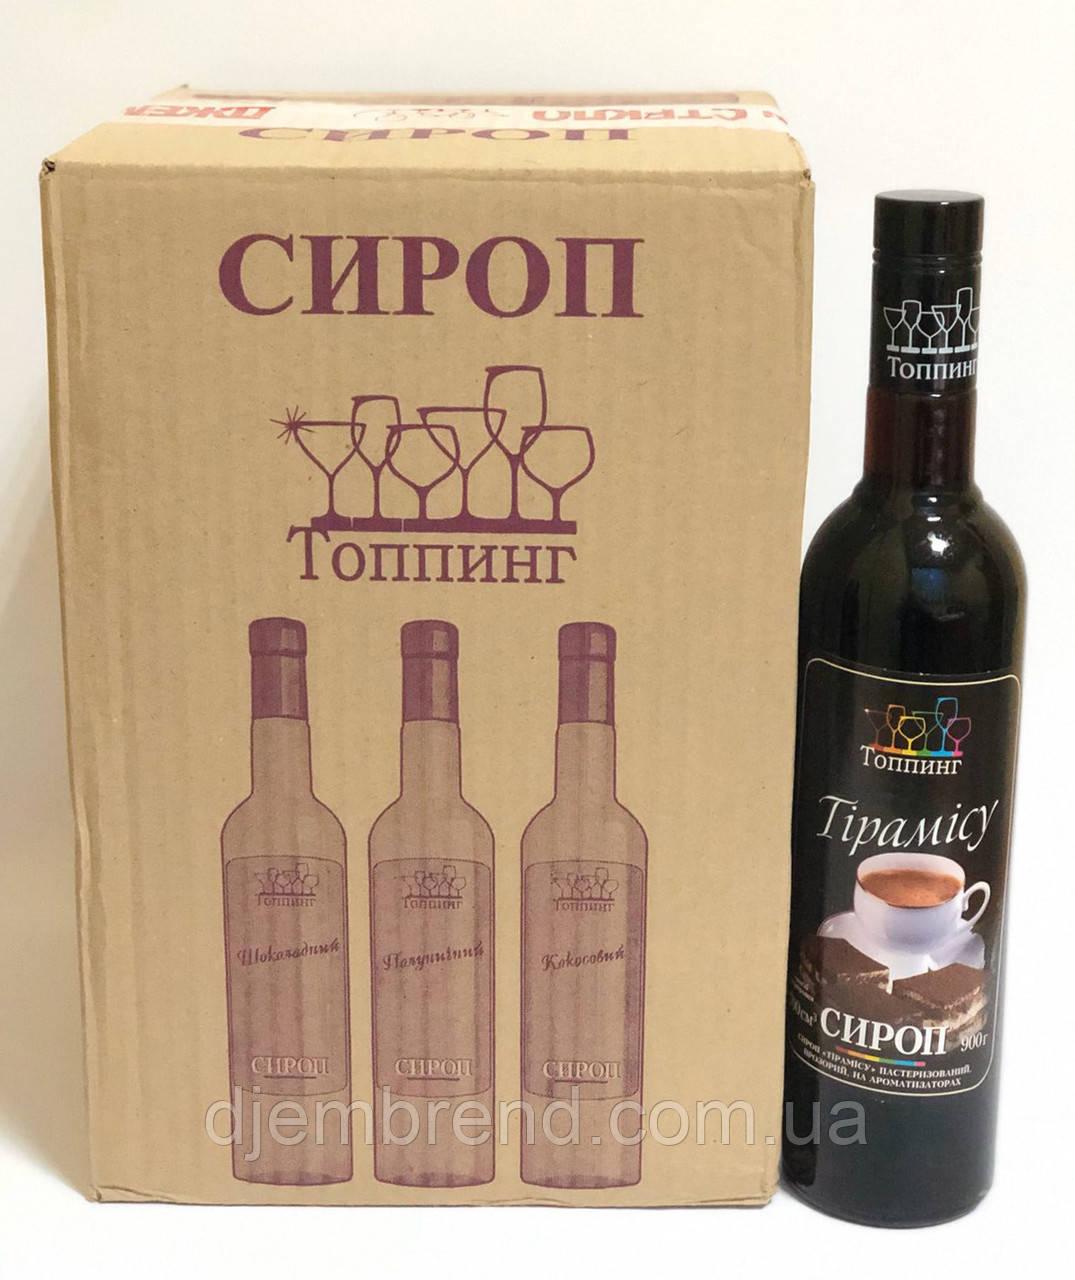 Сироп Тирамису ТМ Топпинг, в коробке 9 шт. Цена 59 грн/шт.